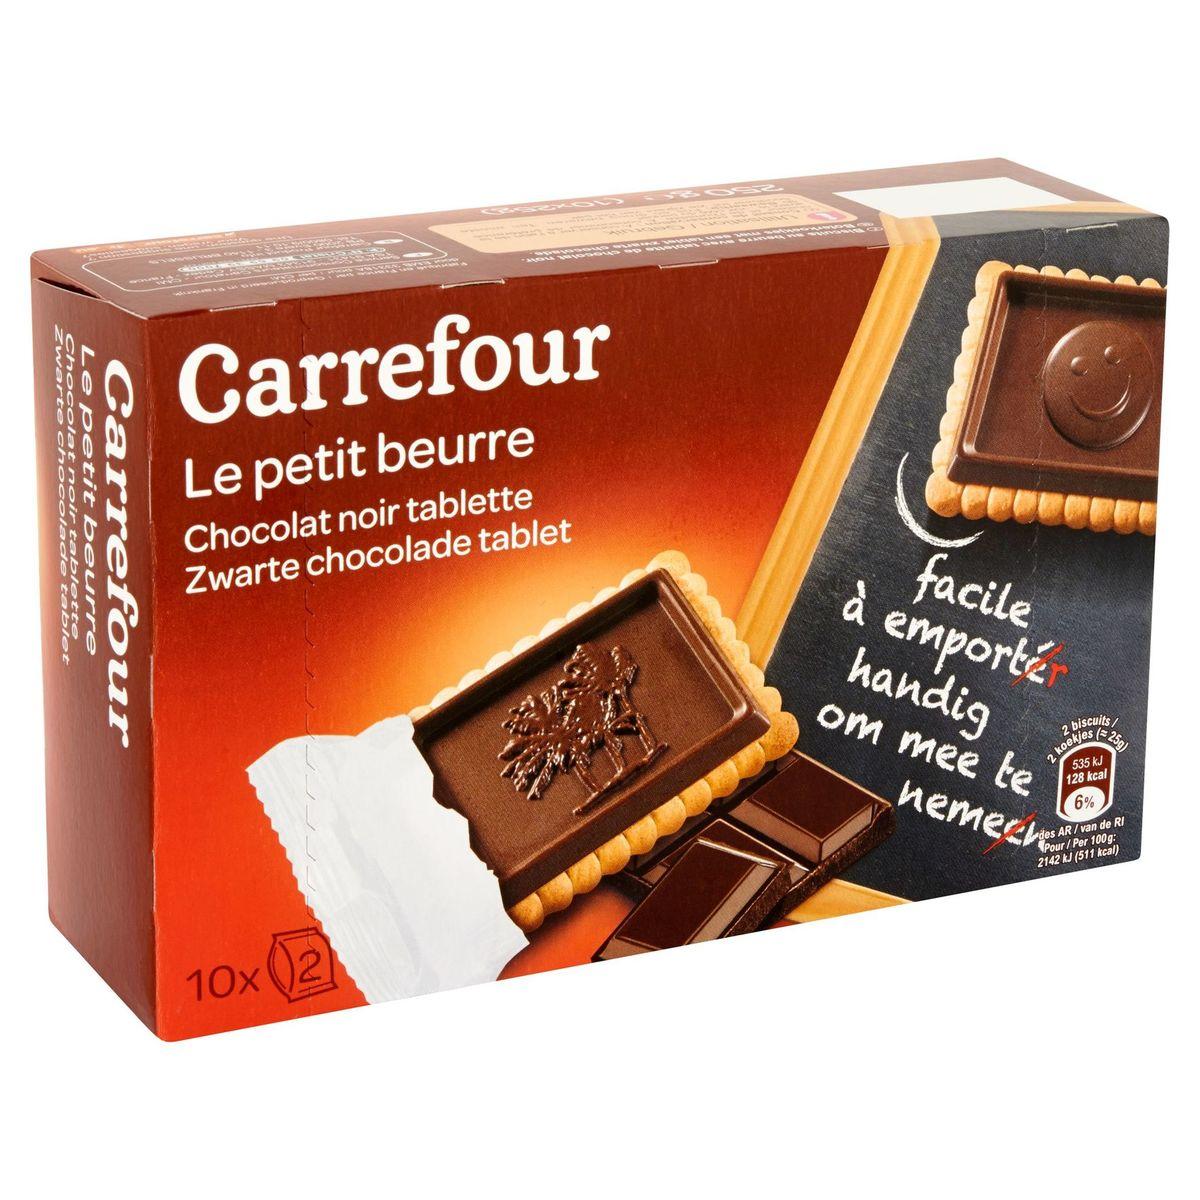 Carrefour Le Petit Beurre Chocolat Noir Tablette 10 x 25 g